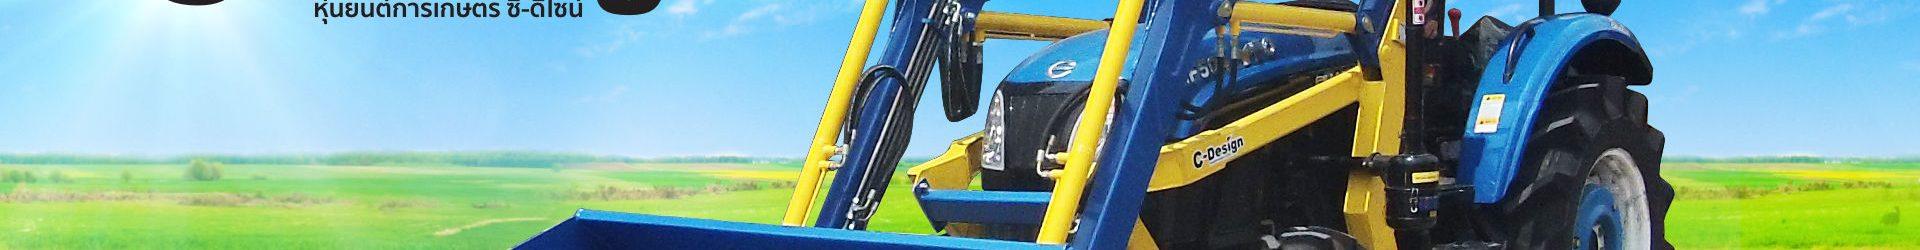 บุ้งกี๋อเนกประสงค์ C-Design สำหรับรถ แชมป์ – CHAMP